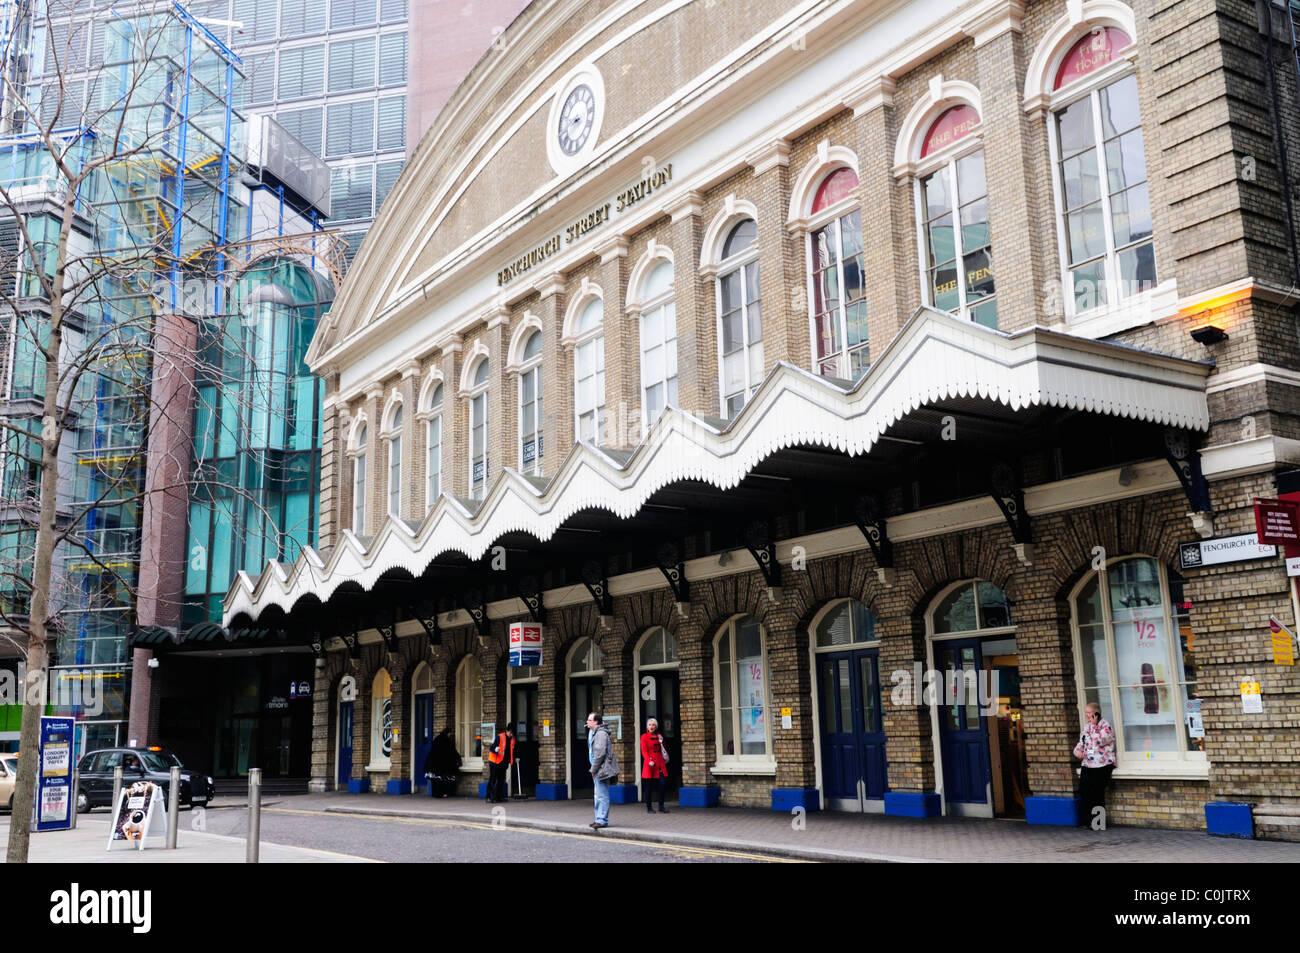 Fenchurch Street Station, London, England, UK - Stock Image